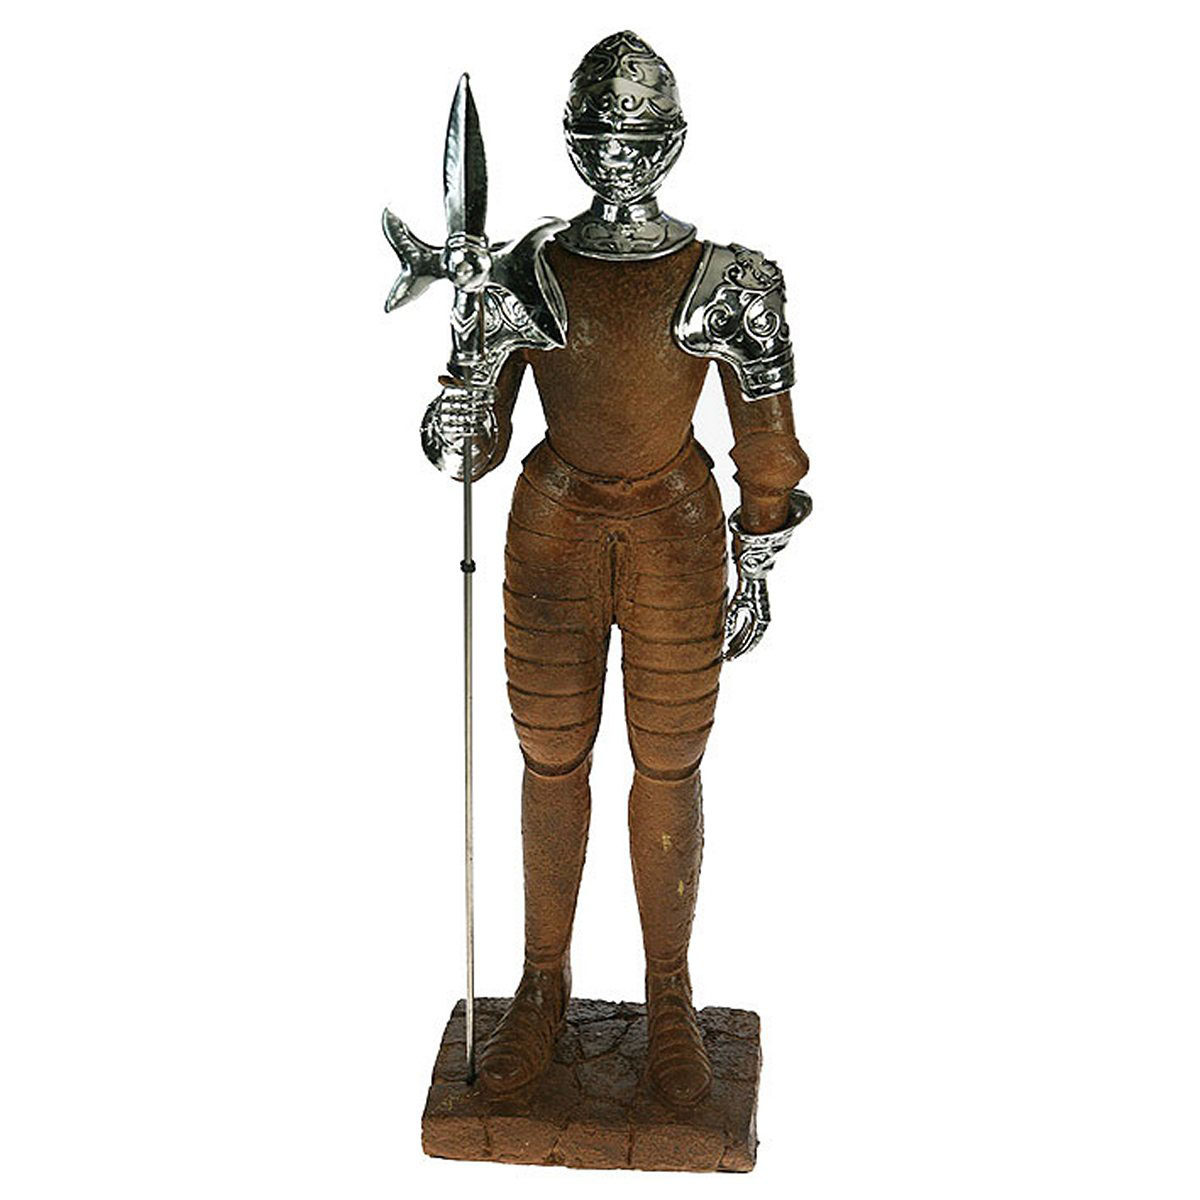 Статуэтка Русские Подарки Рыцарь, 18 х 12 х 54 см ваза русские подарки винтаж высота 31 см 123710